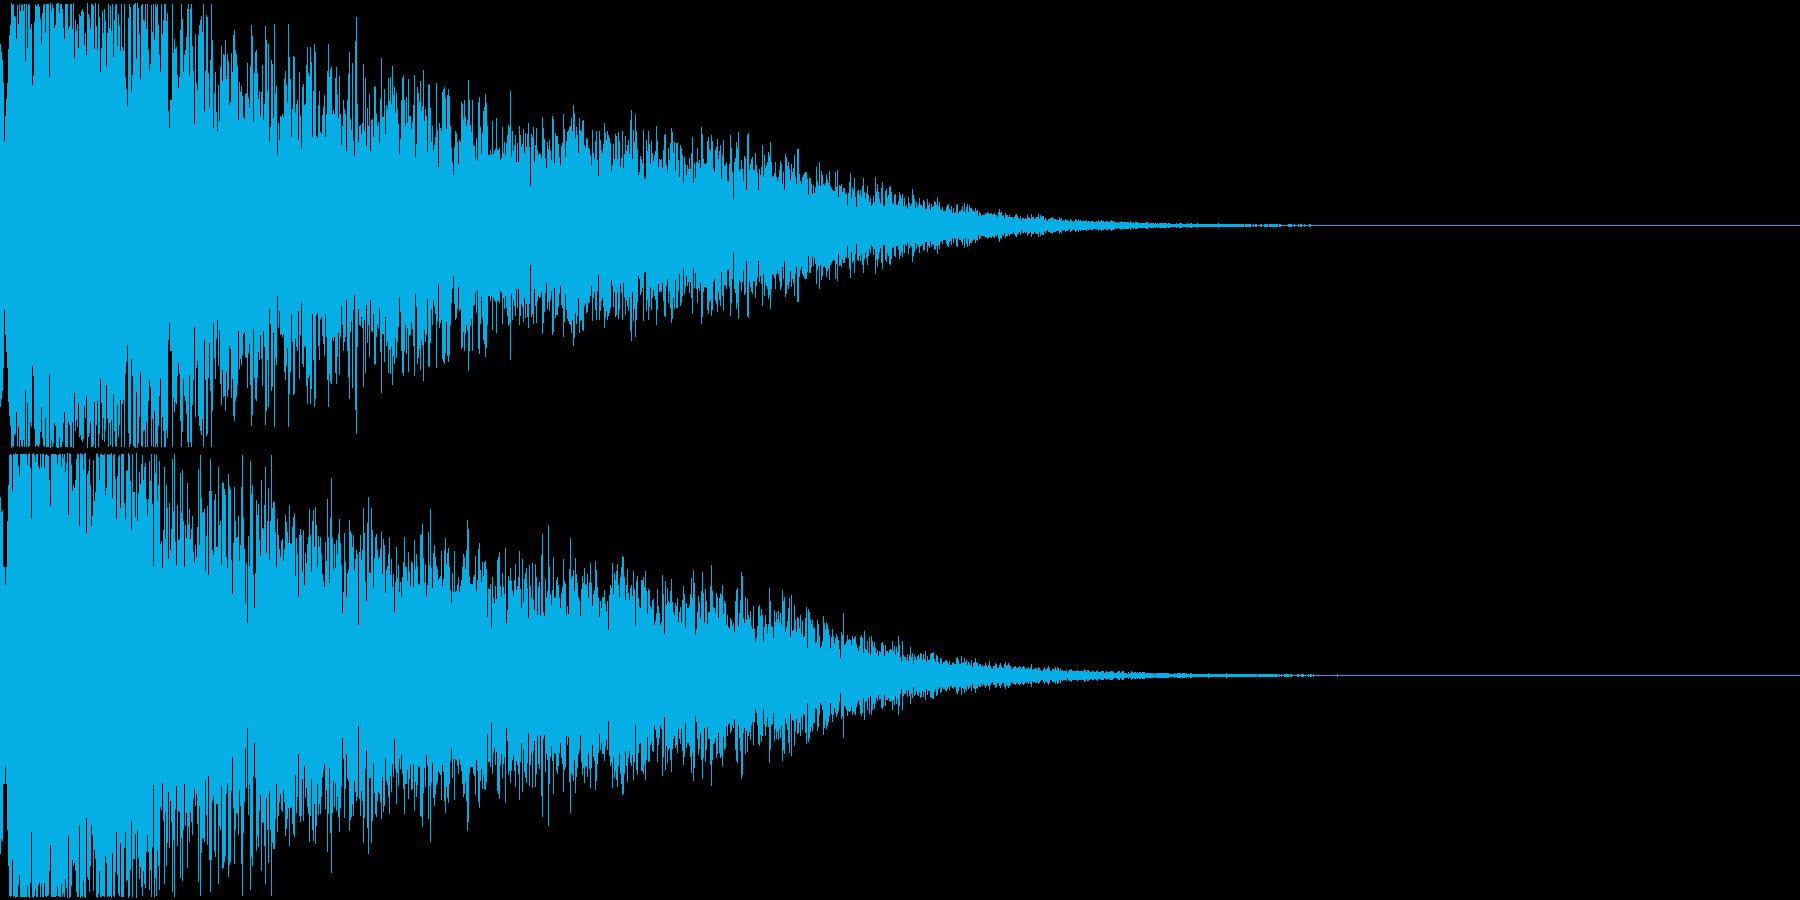 ロボット 合体 ガシーン キュイン 41の再生済みの波形